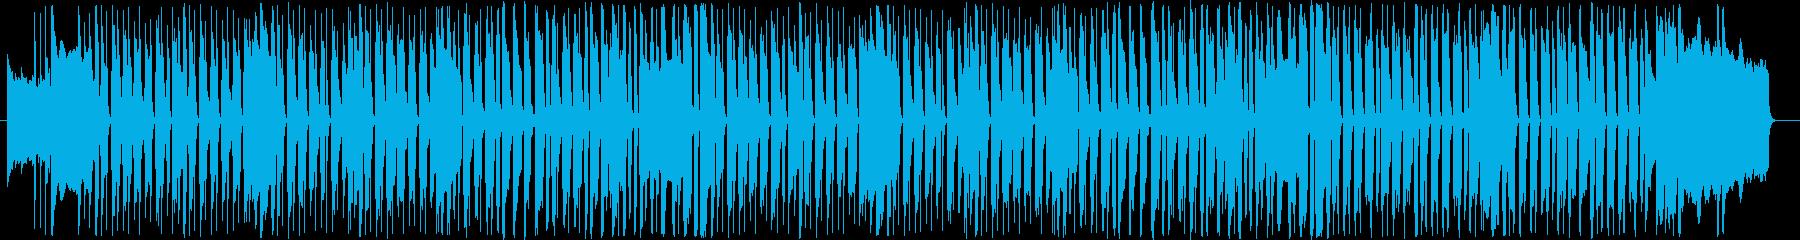 オルガンとベースの温かみのあるポップの再生済みの波形